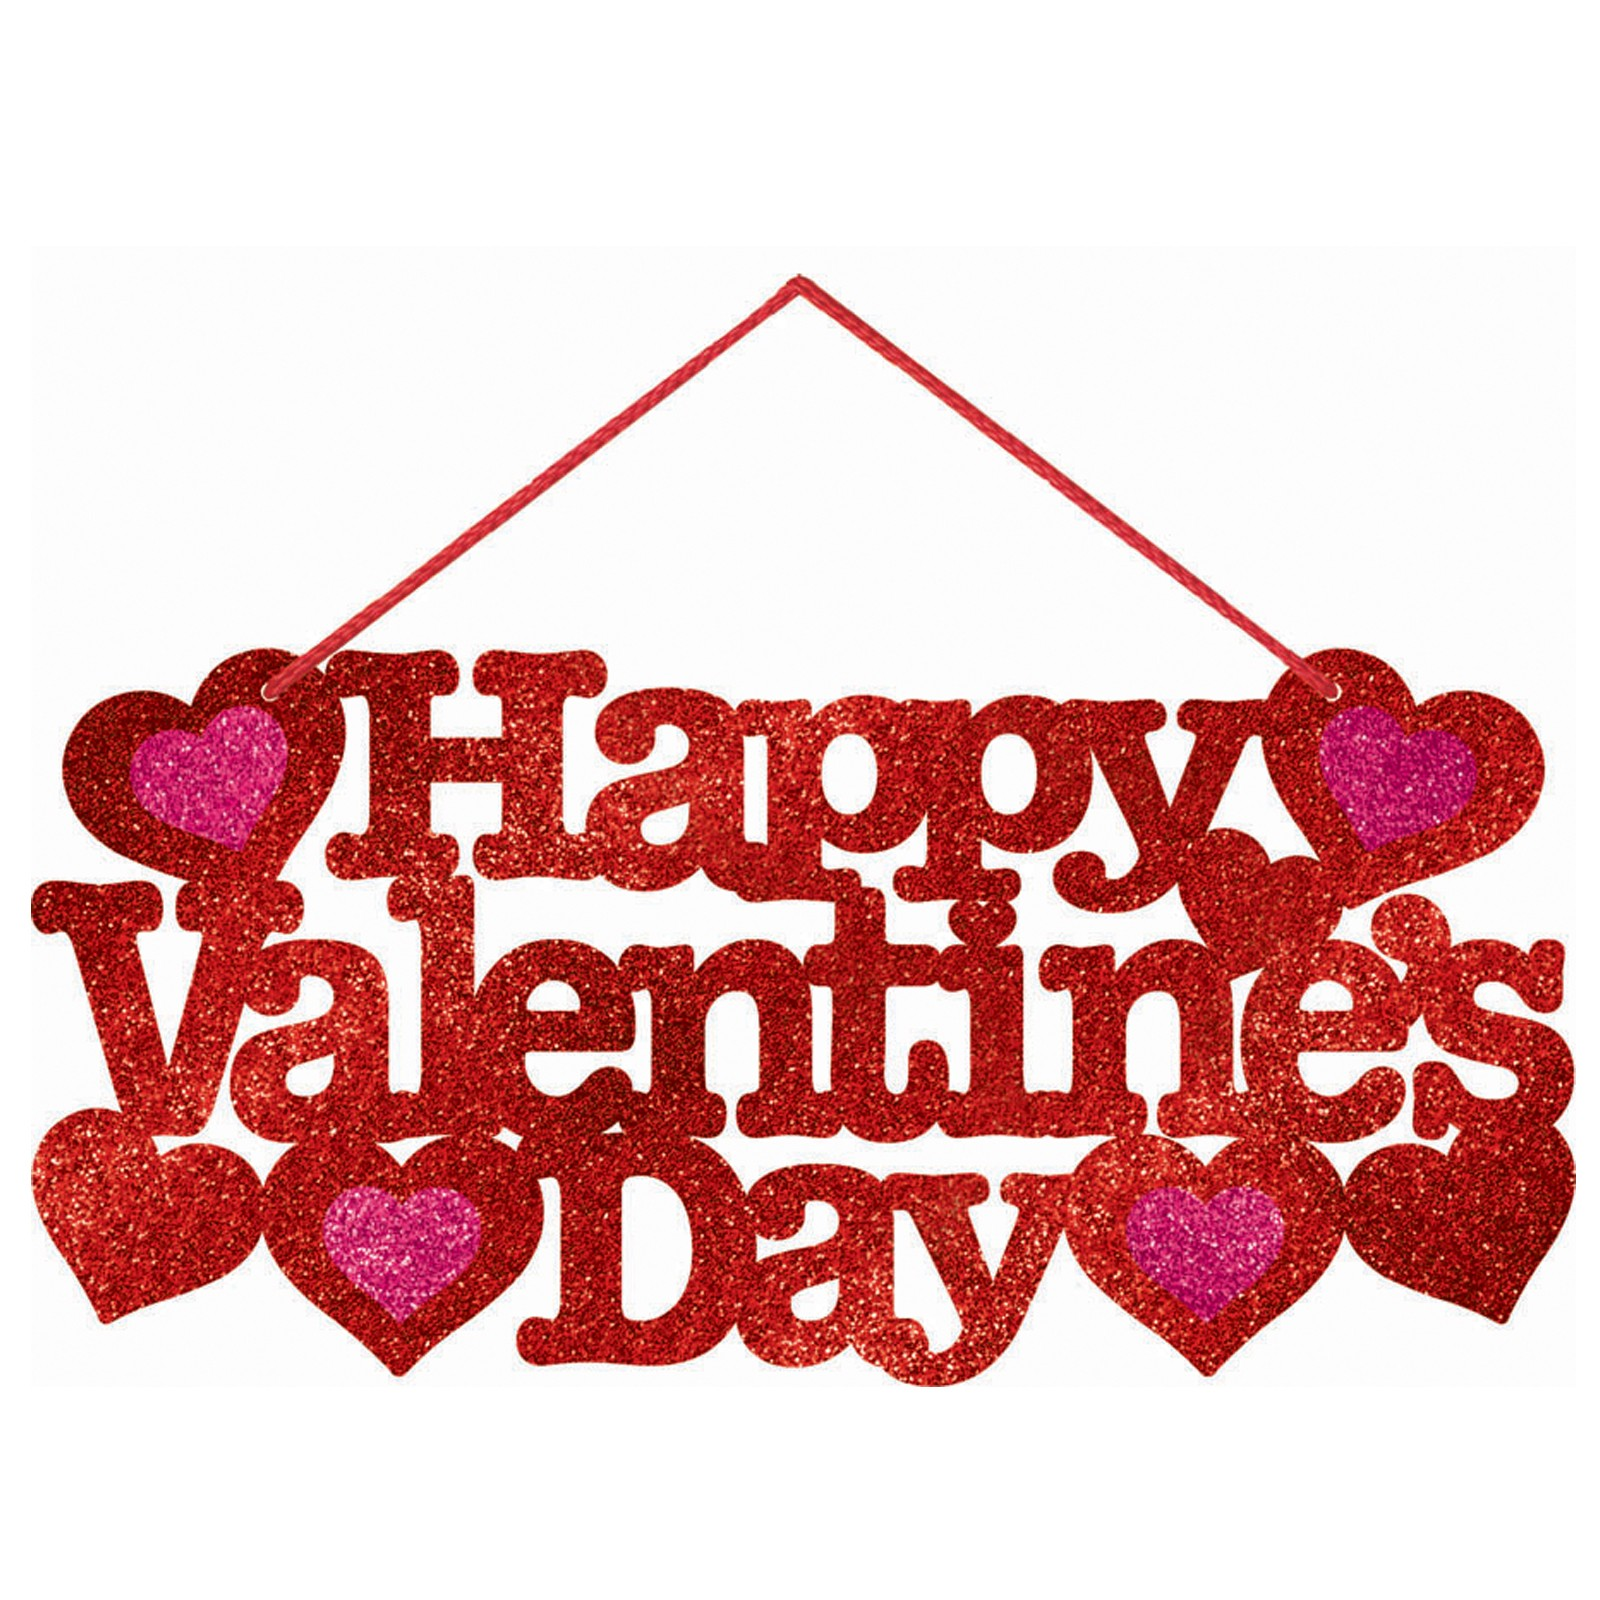 [Happy_valentines_day]